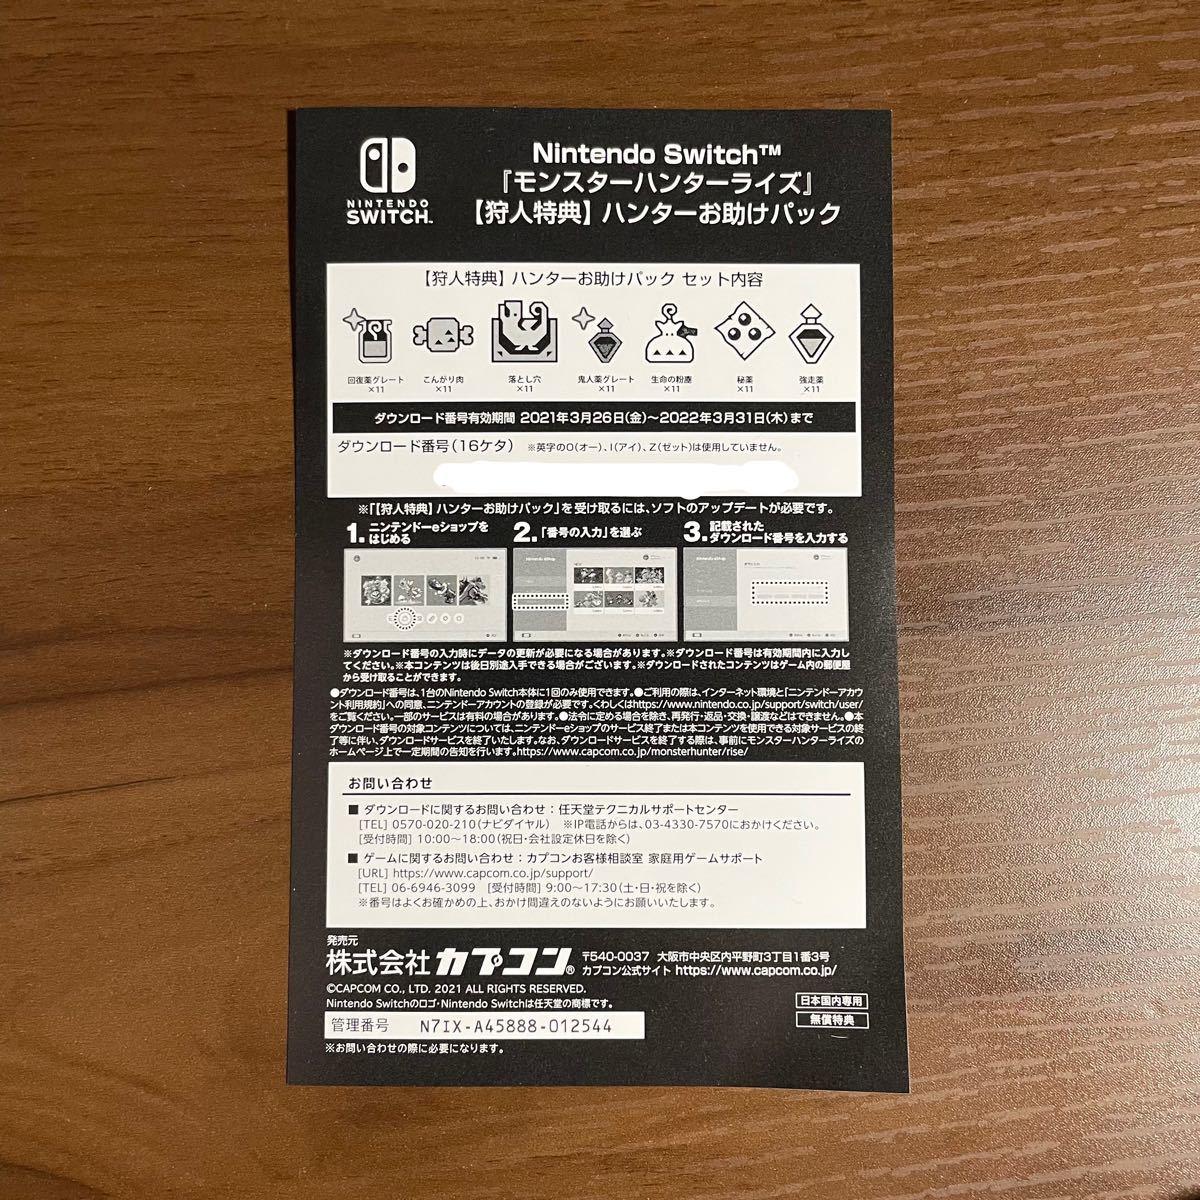 モンスターハンターライズ 狩人特典 お助けパック Switch モンハン 任天堂スイッチ 装備